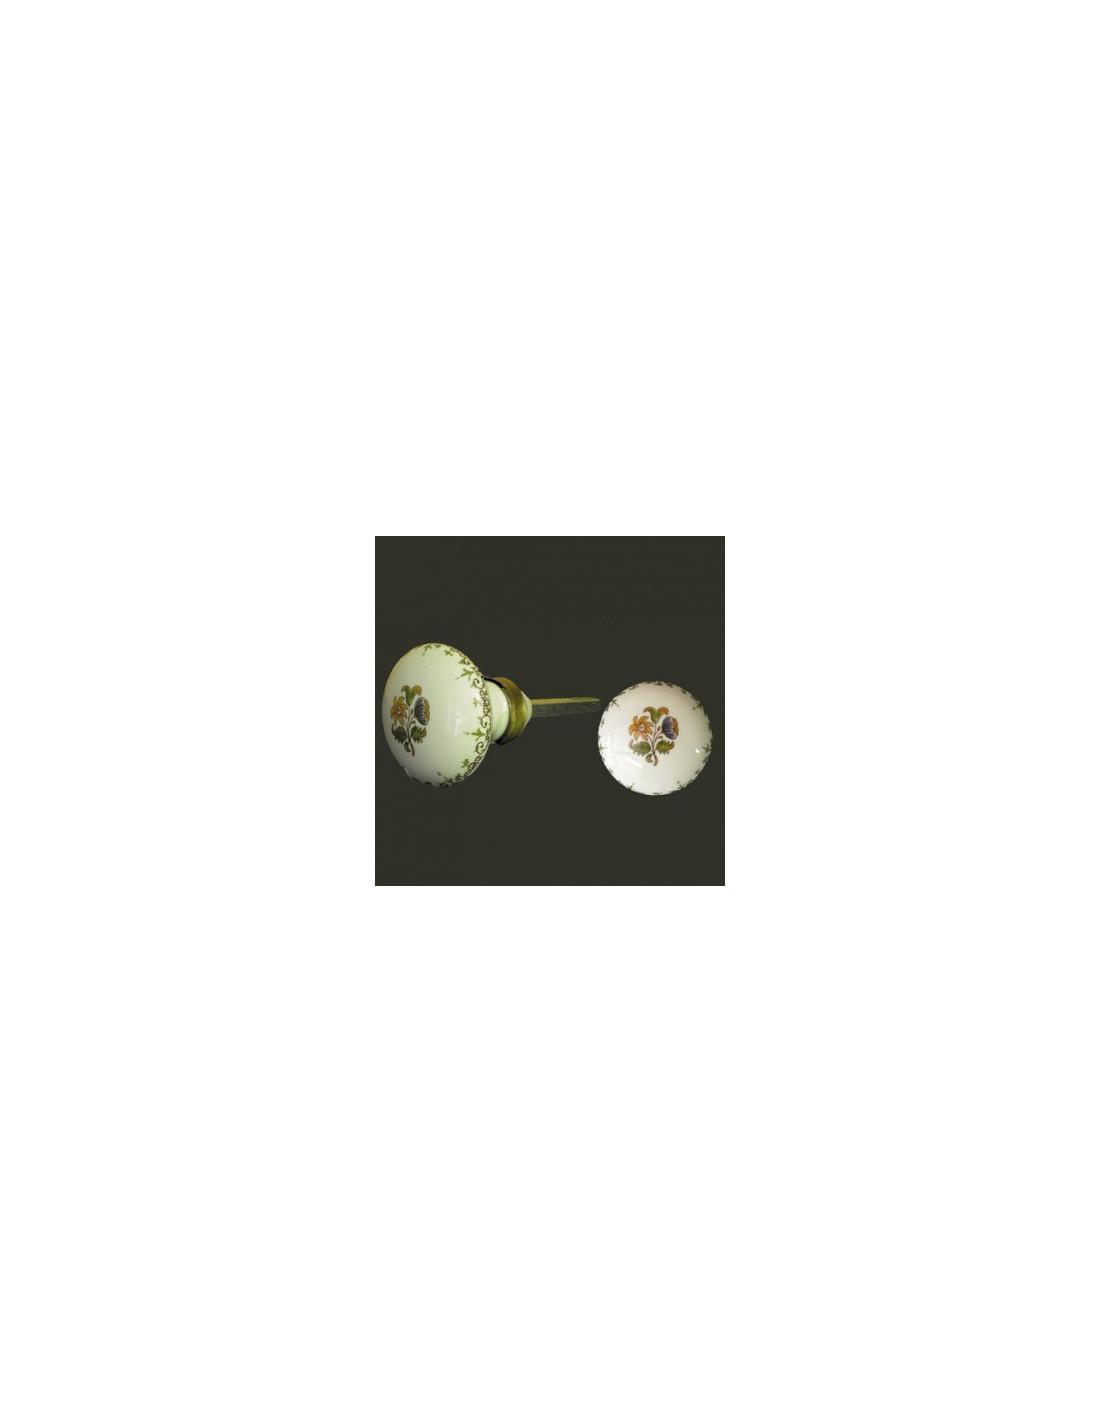 bouton poign e de porte et placard ronde en porcelaine d cor bouquet de fleurs polychromes. Black Bedroom Furniture Sets. Home Design Ideas